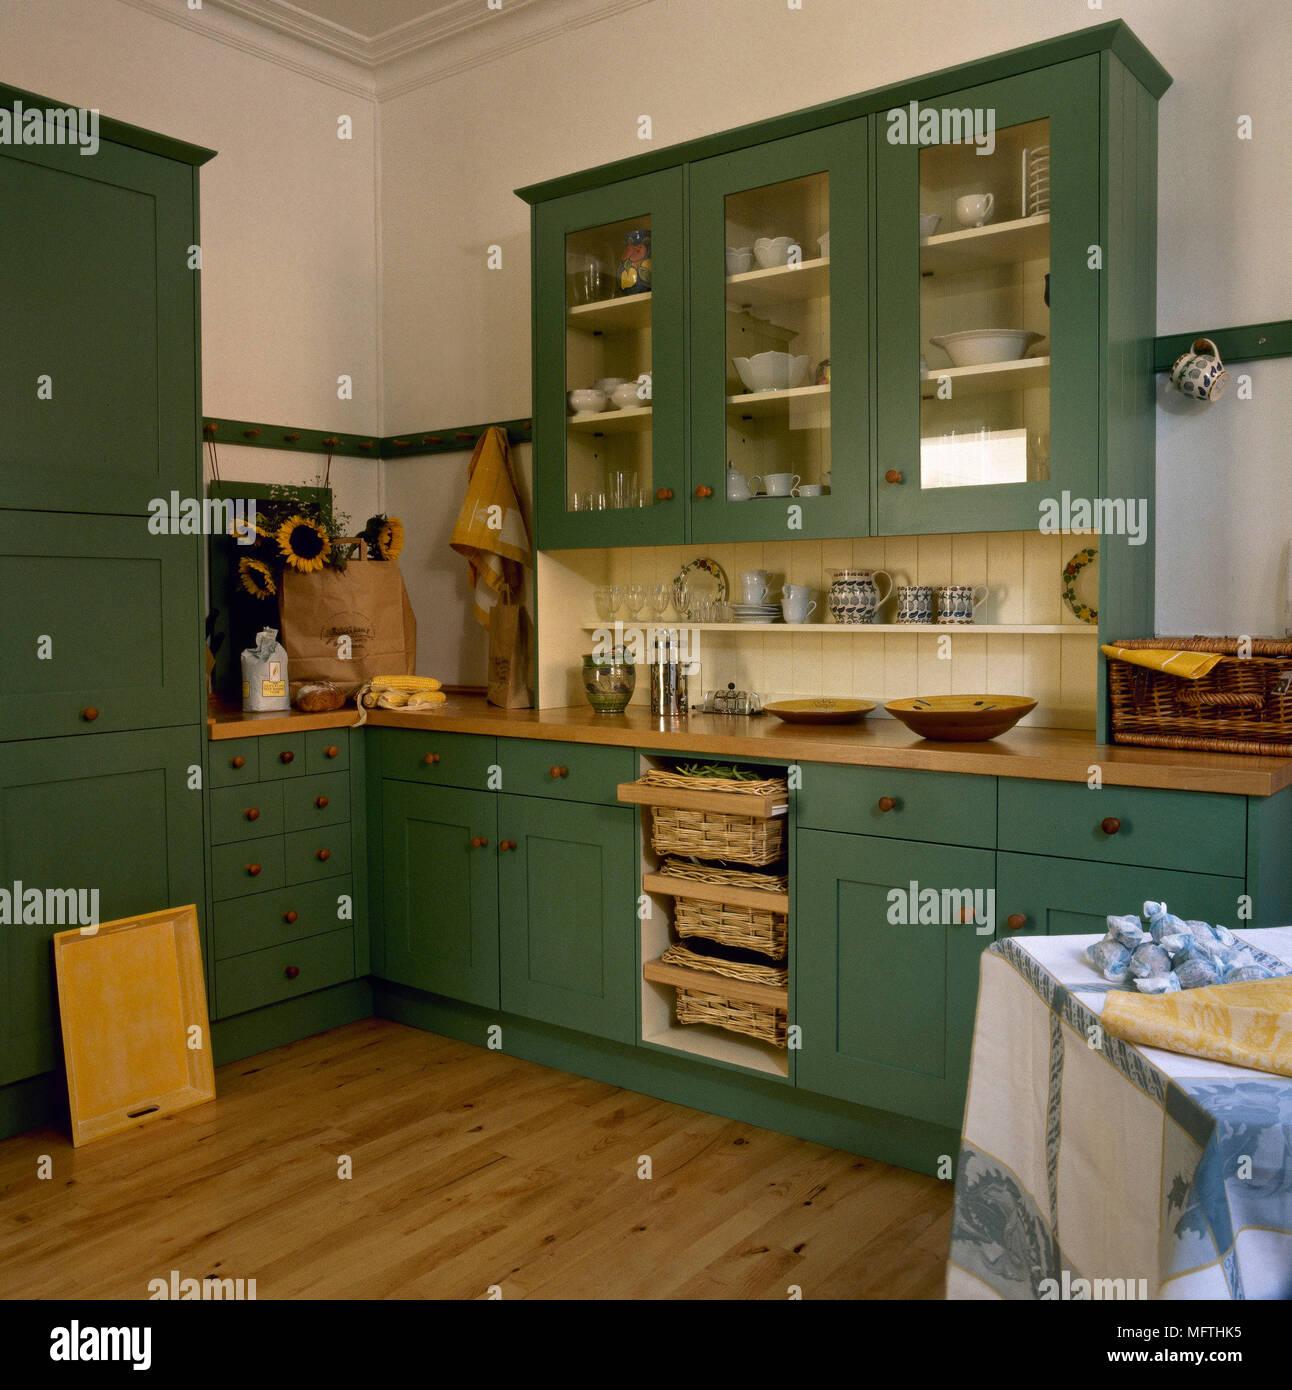 Moderne Küche im Landhausstil mit grün lackiert Schränke, Holz ...